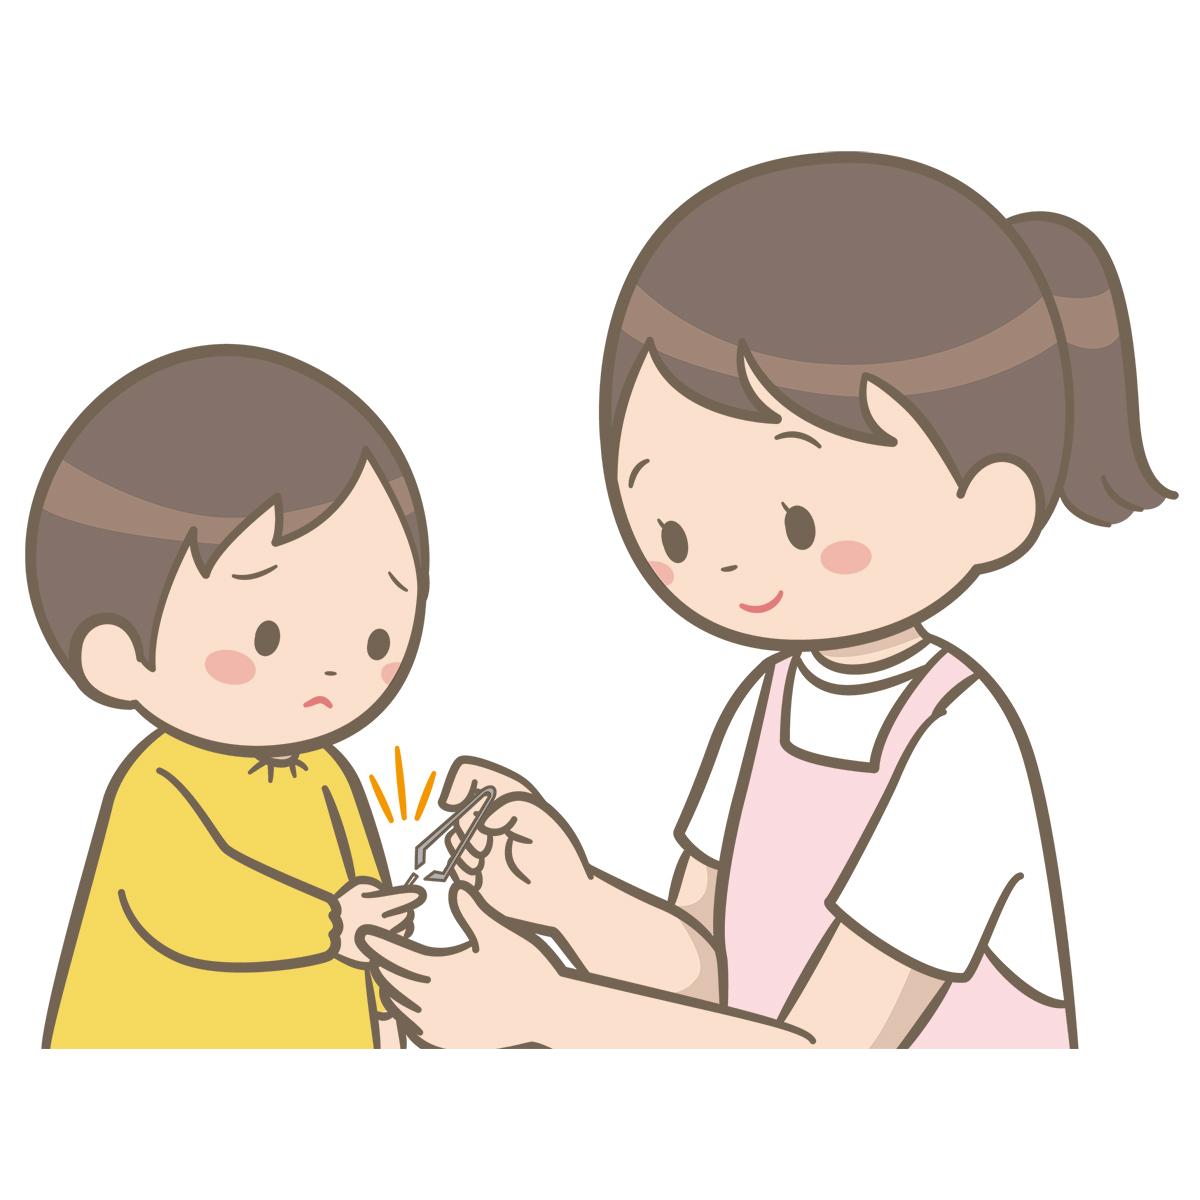 看護師が保育園で幼児の手に刺さった棘を抜いているイラスト